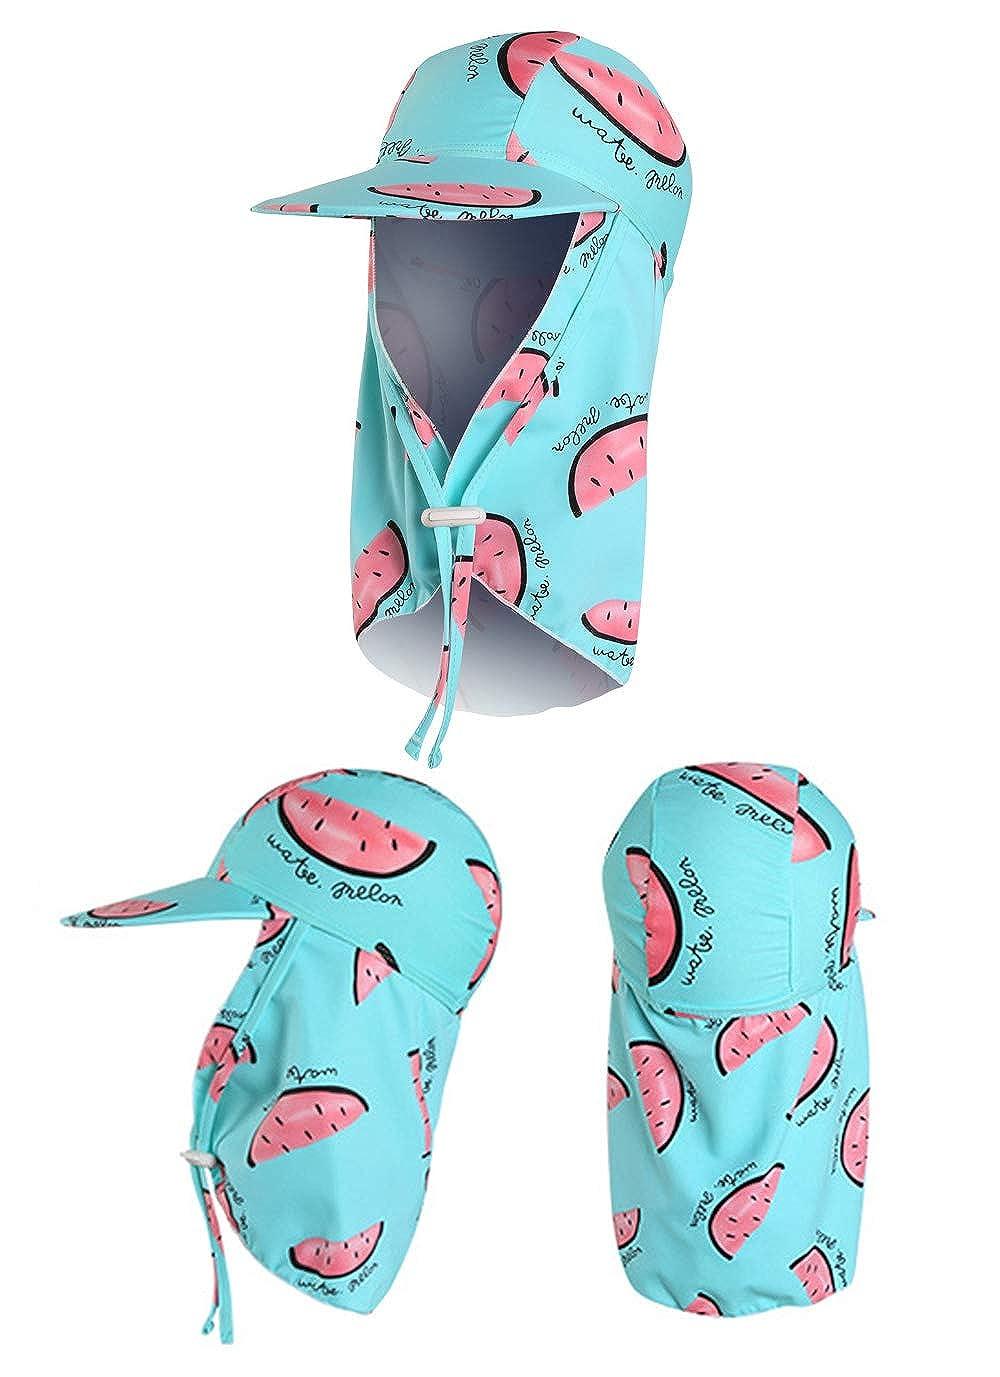 Happy Cherry Casquette Prot/ège Nuque Enfant Gar/çon Fille Chapeau Soleil Imprim/é Casquette Saharienne Prot/ège Cou Visage Oreilles pour Plage P/êche Randonn/ée Camping V/élo Voyage 11 Couleurs